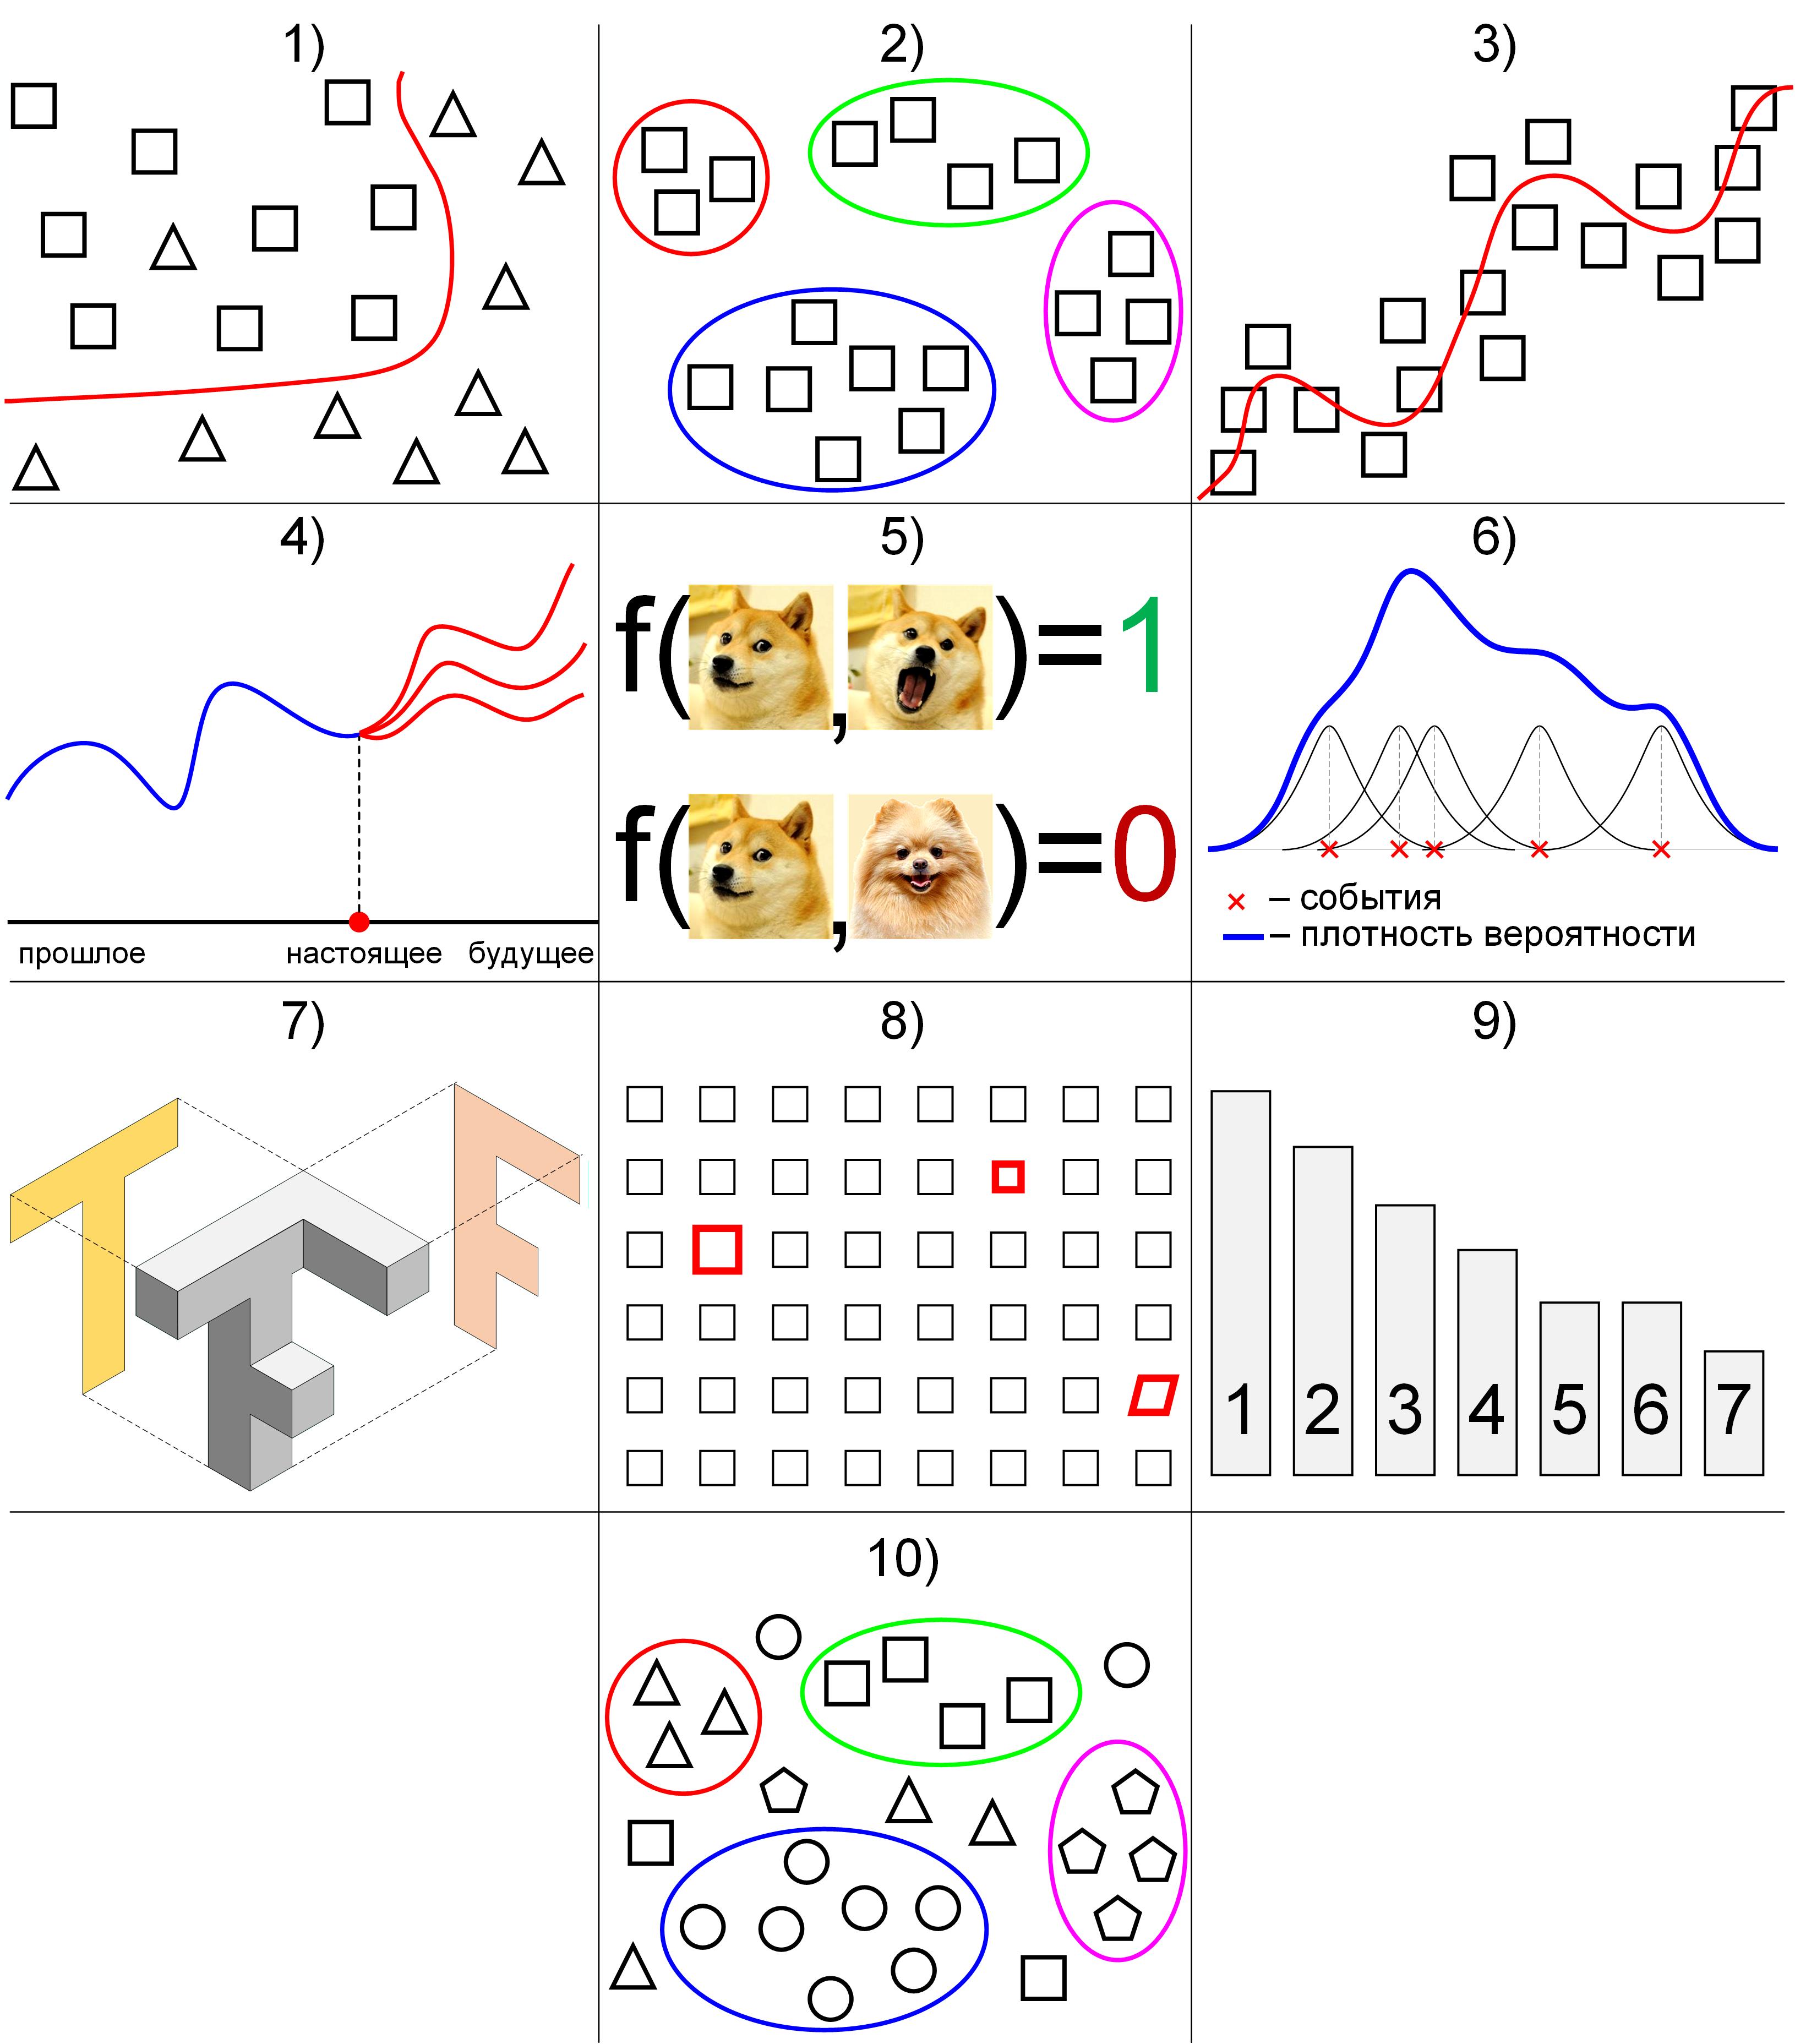 Схематическое представление типов задач машинного обучения